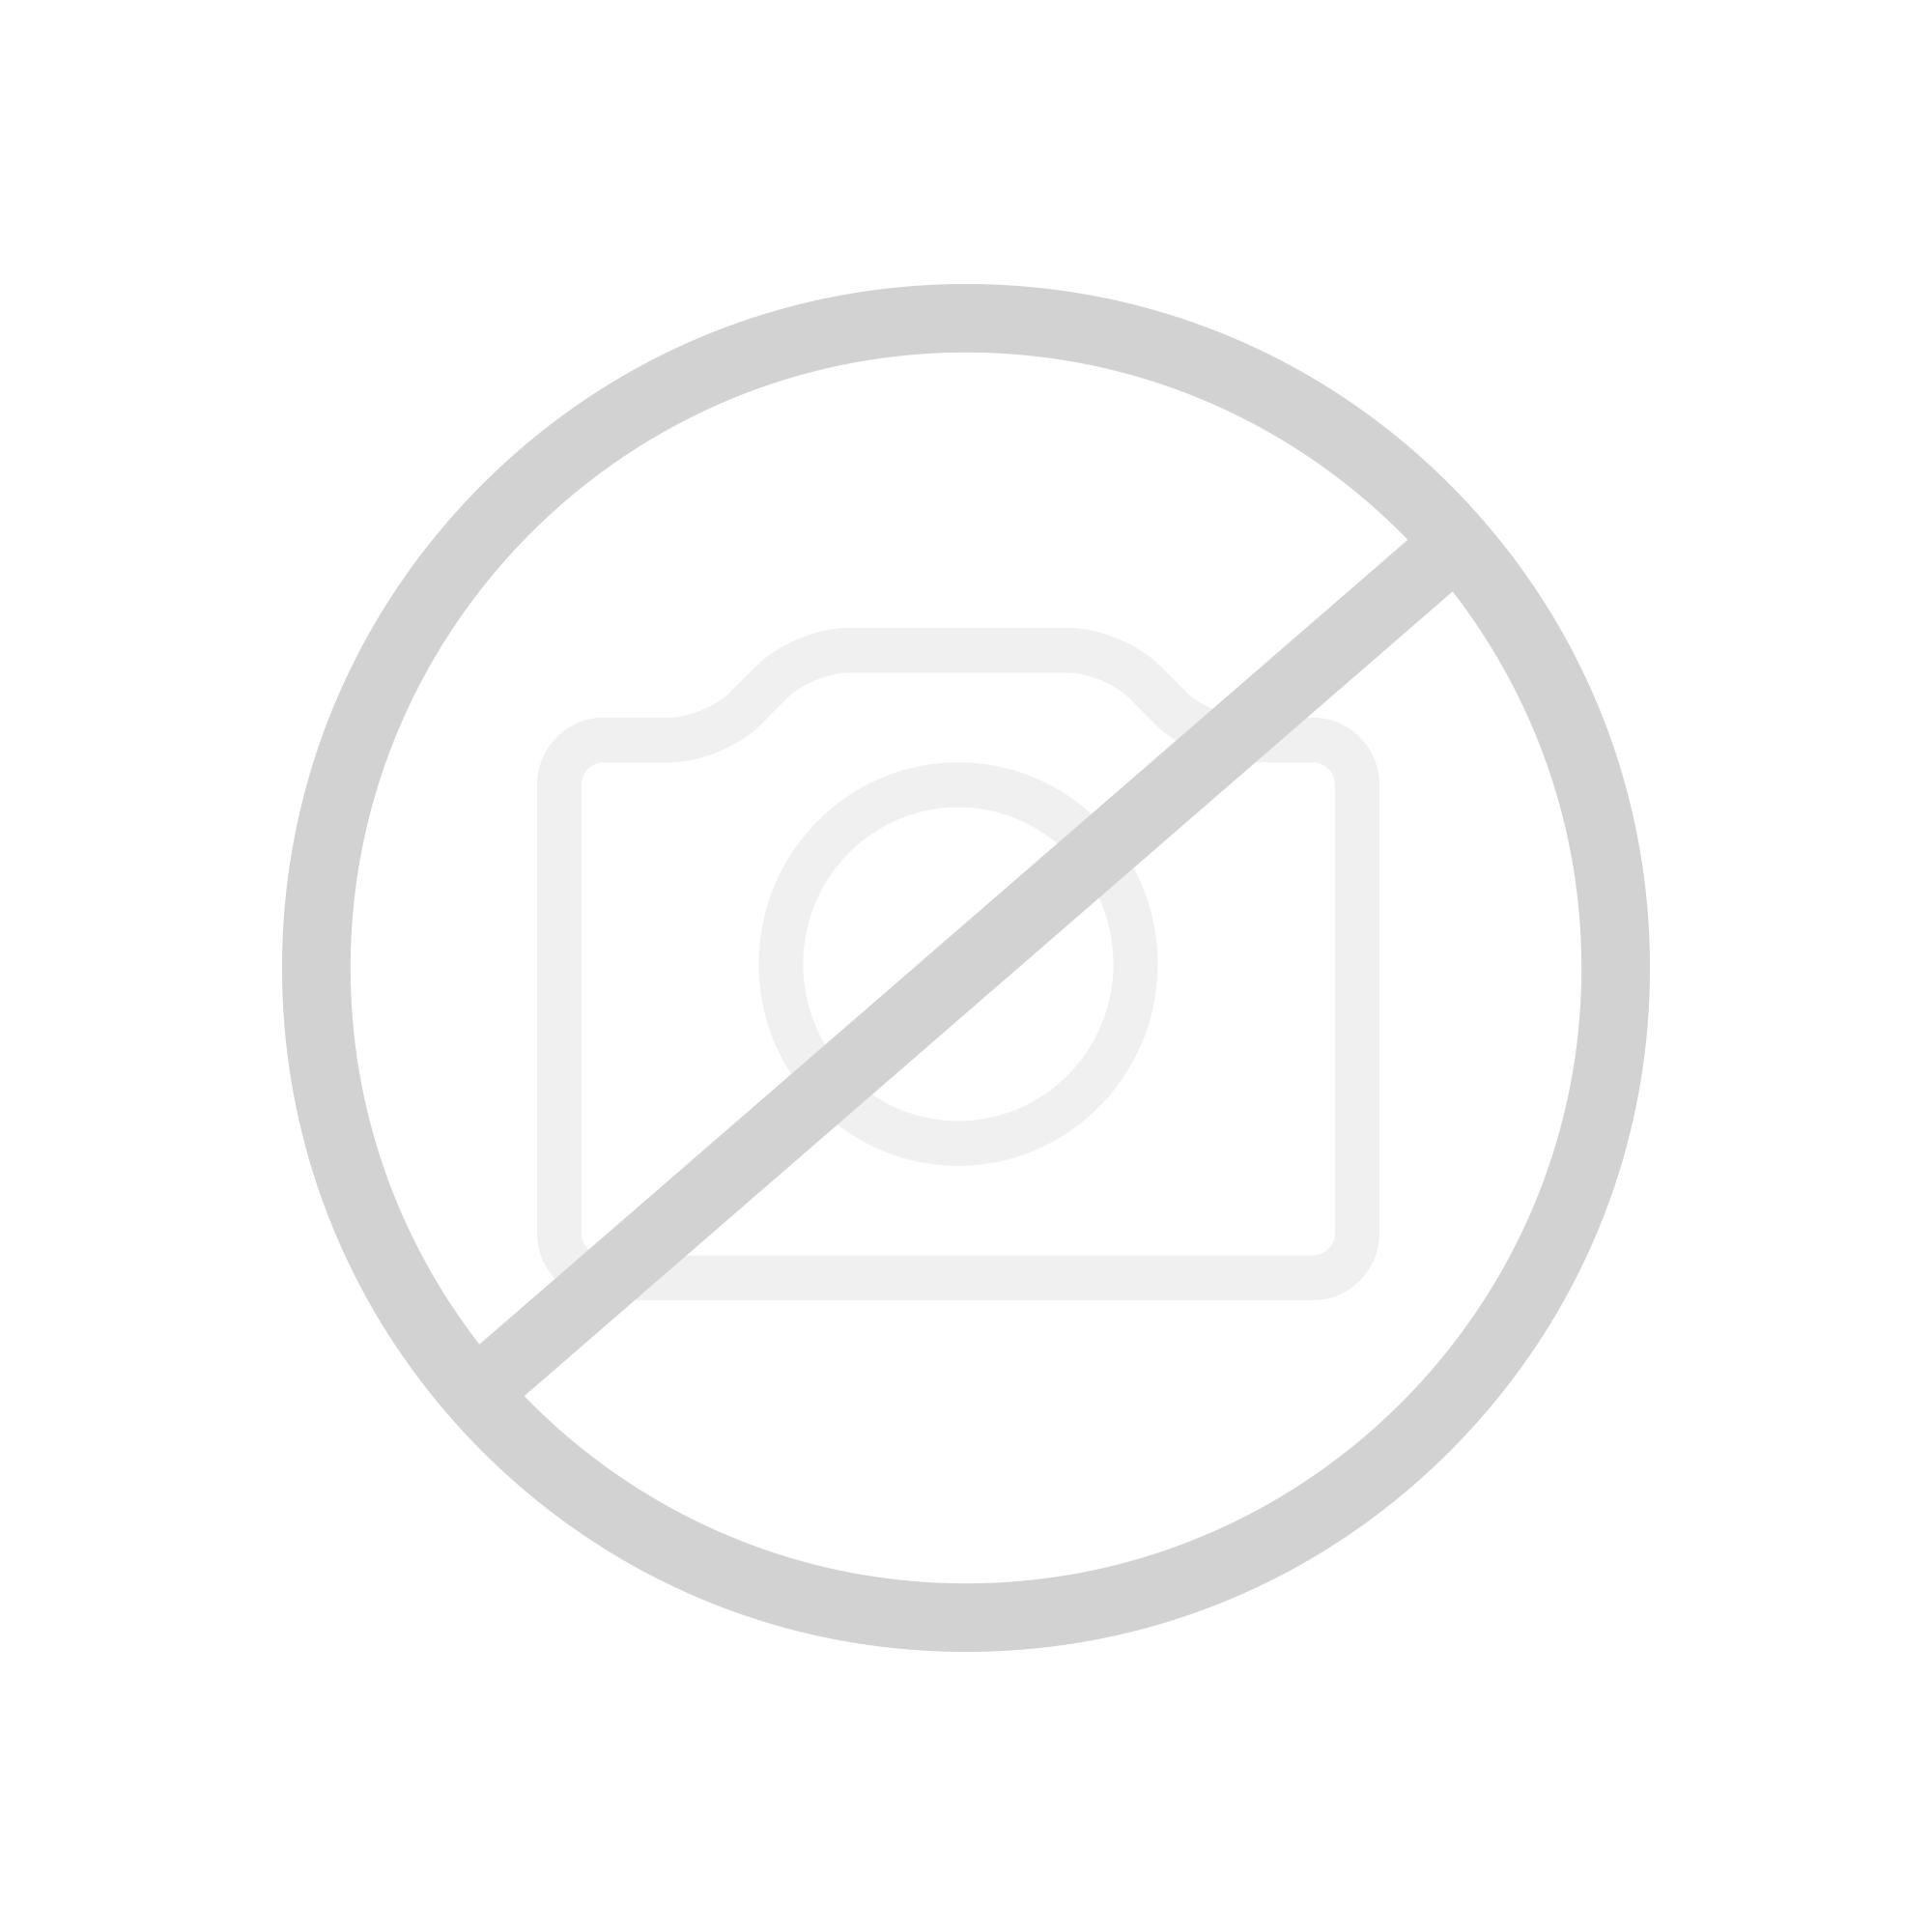 Kaldewei Kissen grau und Comfort-Level Plus Ablaufgarnitur Mod. 4071